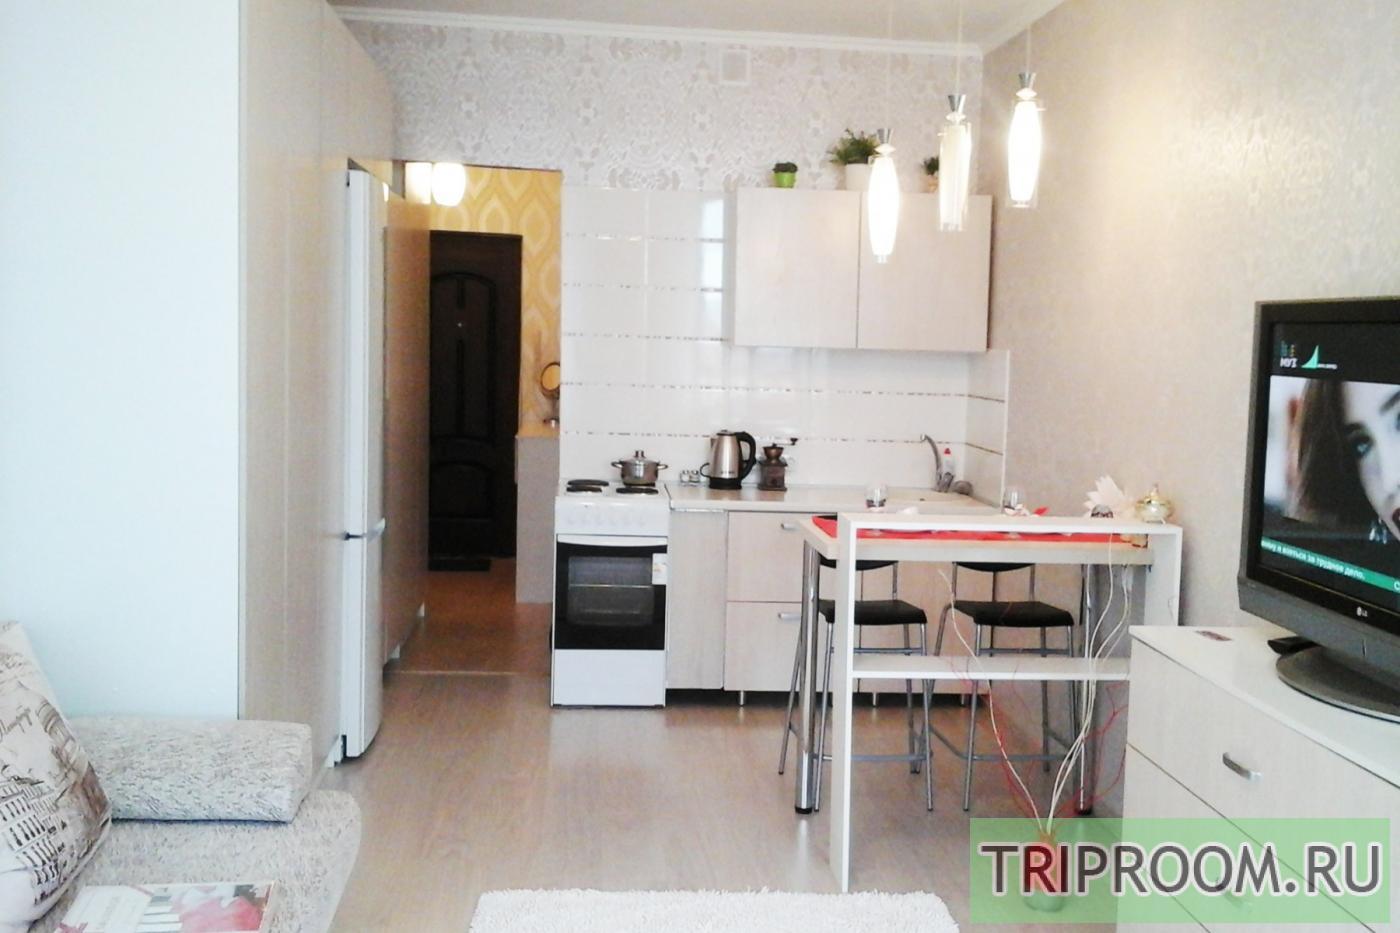 1-комнатная квартира посуточно (вариант № 28156), ул. Алтайская улица, фото № 5